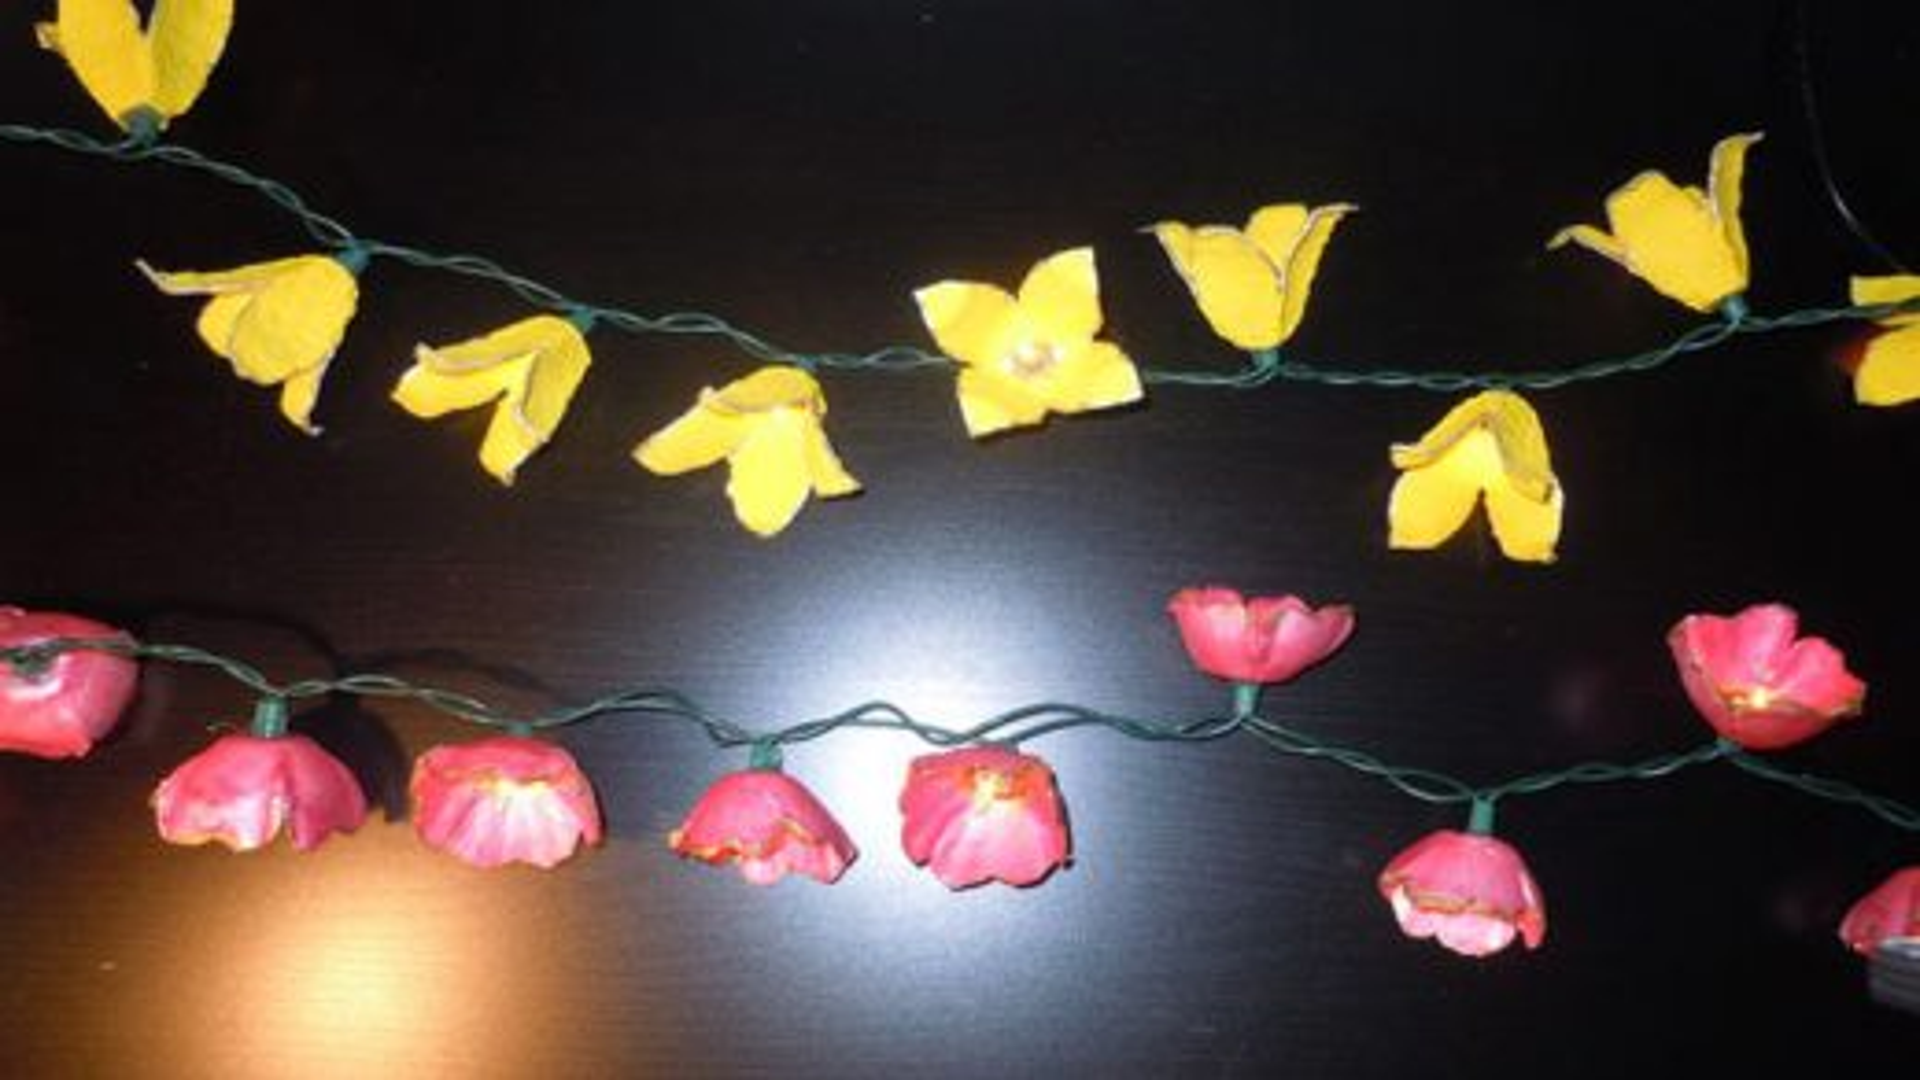 آموزش درست کردن ریسه تزیینی با گل های کاغذی | فیلم